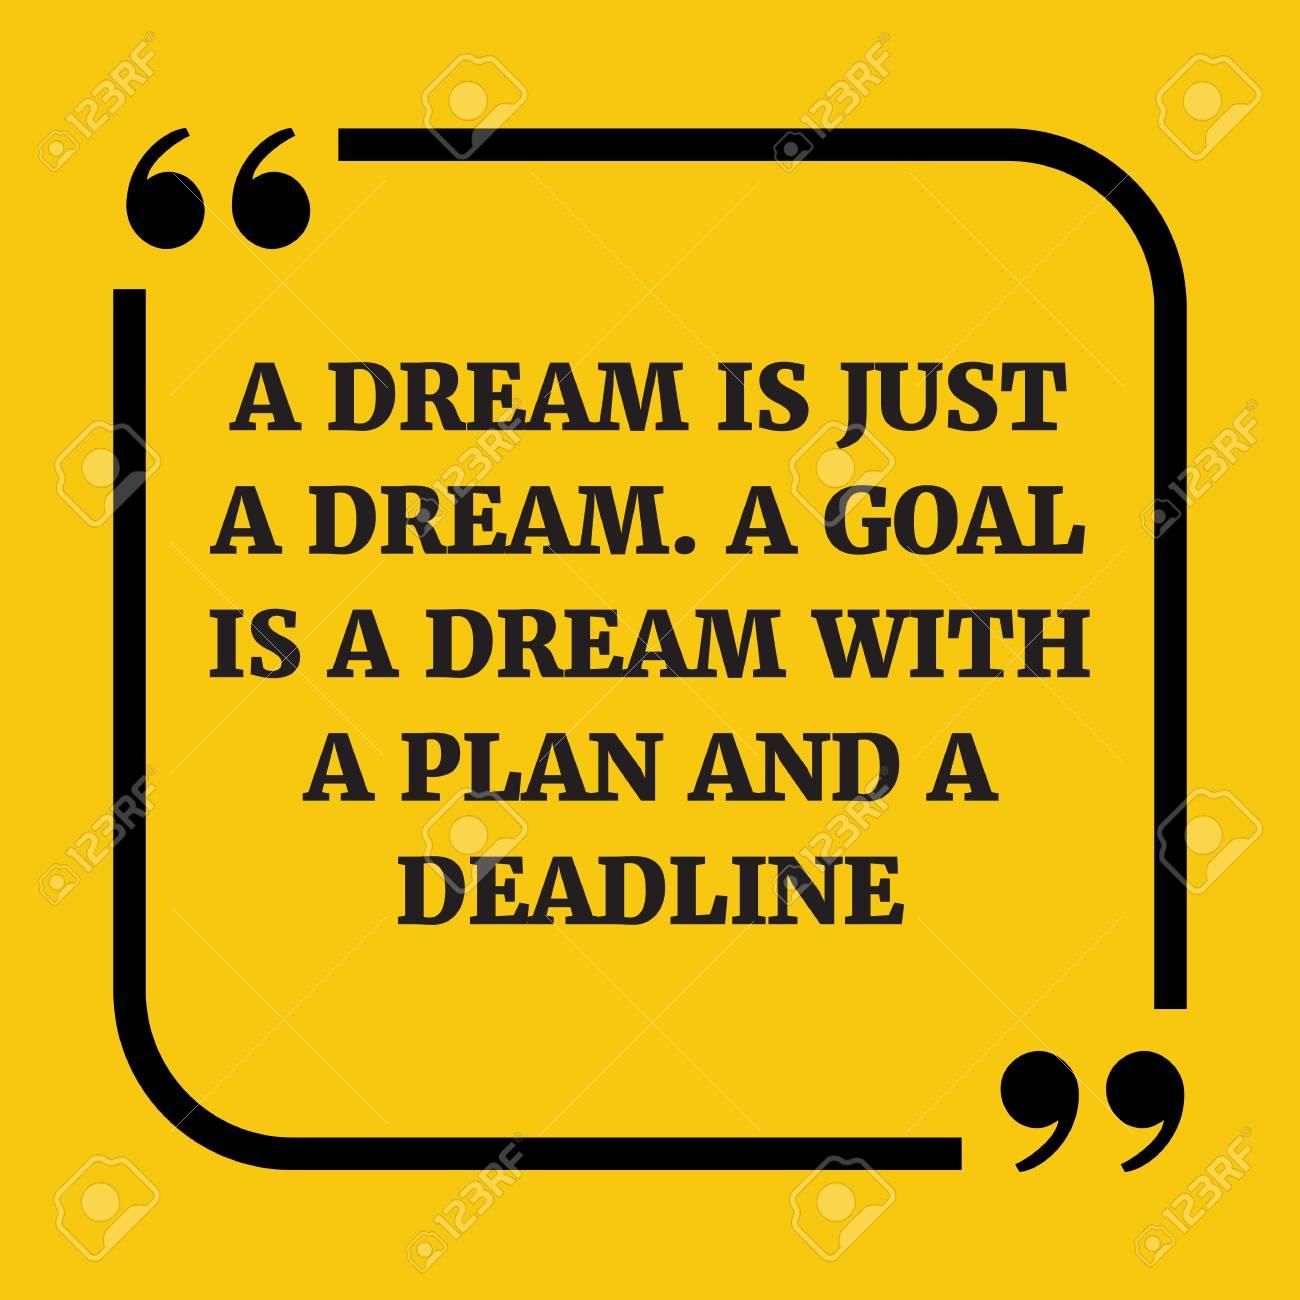 Cita Motivacional Un Sueño Es Solo Un Sueño Un Objetivo Es Un Sueño Con Un Plan Y Una Fecha Límite Sobre Fondo Amarillo